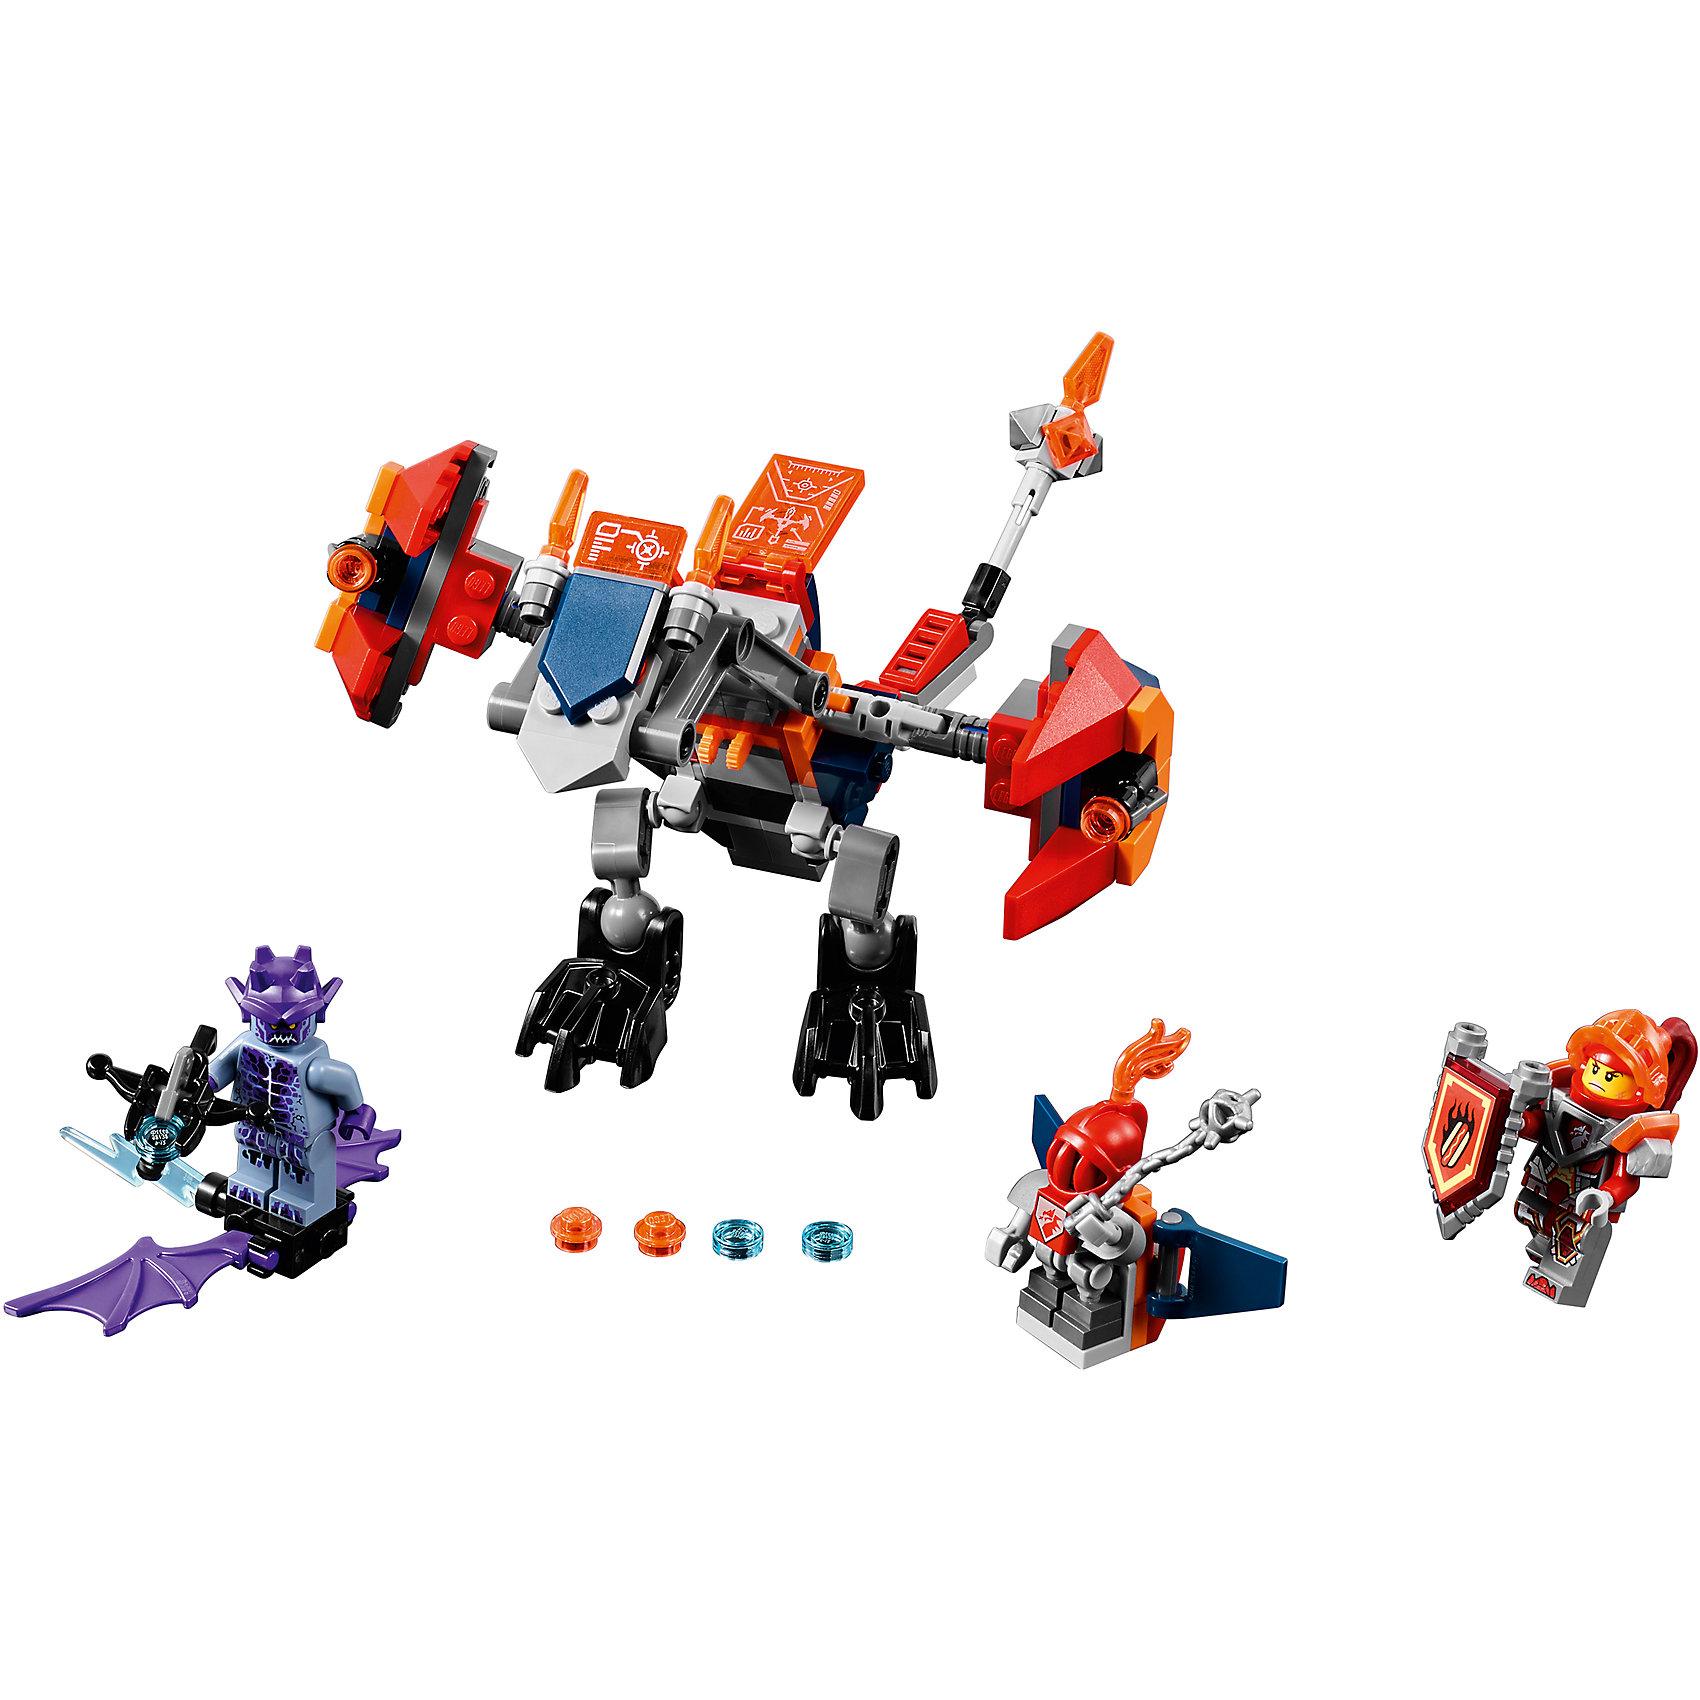 Конструктор Lego Nexo Knights 70361: Дракон МэйсиПластмассовые конструкторы<br>Характеристики товара:<br><br>• возраст: от 7 лет;<br>• материал: пластик;<br>• в комплекте: 153 детали;<br>• количество минифигурок: 3;<br>• размер упаковки: 26,2х14,1х4,8 см;<br>• вес упаковки: 195 гр.;<br>• страна производитель: Чехия.<br><br>Конструктор Lego Nexo Knights «Дракон Мэйси» входит в серию Лего Нексо Найтс, которая повествует о королевстве Найтония и отважных рыцарях Нексо. Мэйси — храбрая девушка-рыцарь. В борьбе с соперниками ей помогает ее дракон, стреляющий острыми шипами.<br><br>Из элементов конструктора предстоит собрать 3 фигурки и дракона. С ними дети могут придумывать свои захватывающие сюжеты для игры. В набор также включены нексо-силы, которые можно отсканировать через приложение и играть в игру. Сборка конструктора развивает у ребенка логическое мышление, моторику рук, усидчивость.<br><br>Конструктор Lego Nexo Knights «Дракон Мэйси» можно приобрести в нашем интернет-магазине.<br><br>Ширина мм: 260<br>Глубина мм: 144<br>Высота мм: 53<br>Вес г: 196<br>Возраст от месяцев: 84<br>Возраст до месяцев: 2147483647<br>Пол: Мужской<br>Возраст: Детский<br>SKU: 5619988